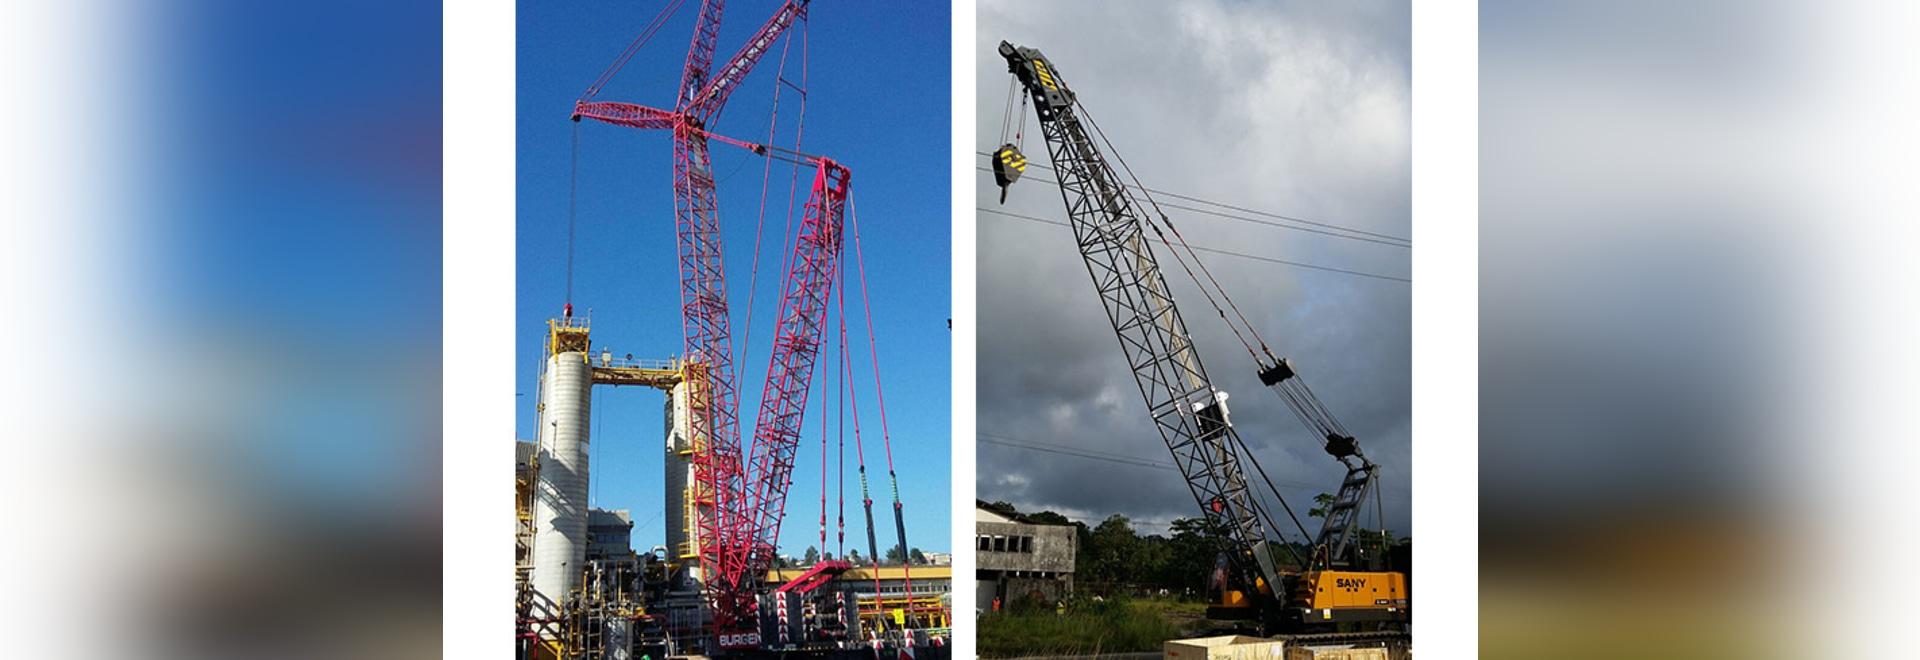 La grue de chenille de SANY participe à la construction d'infrastructure de l'Amérique latine